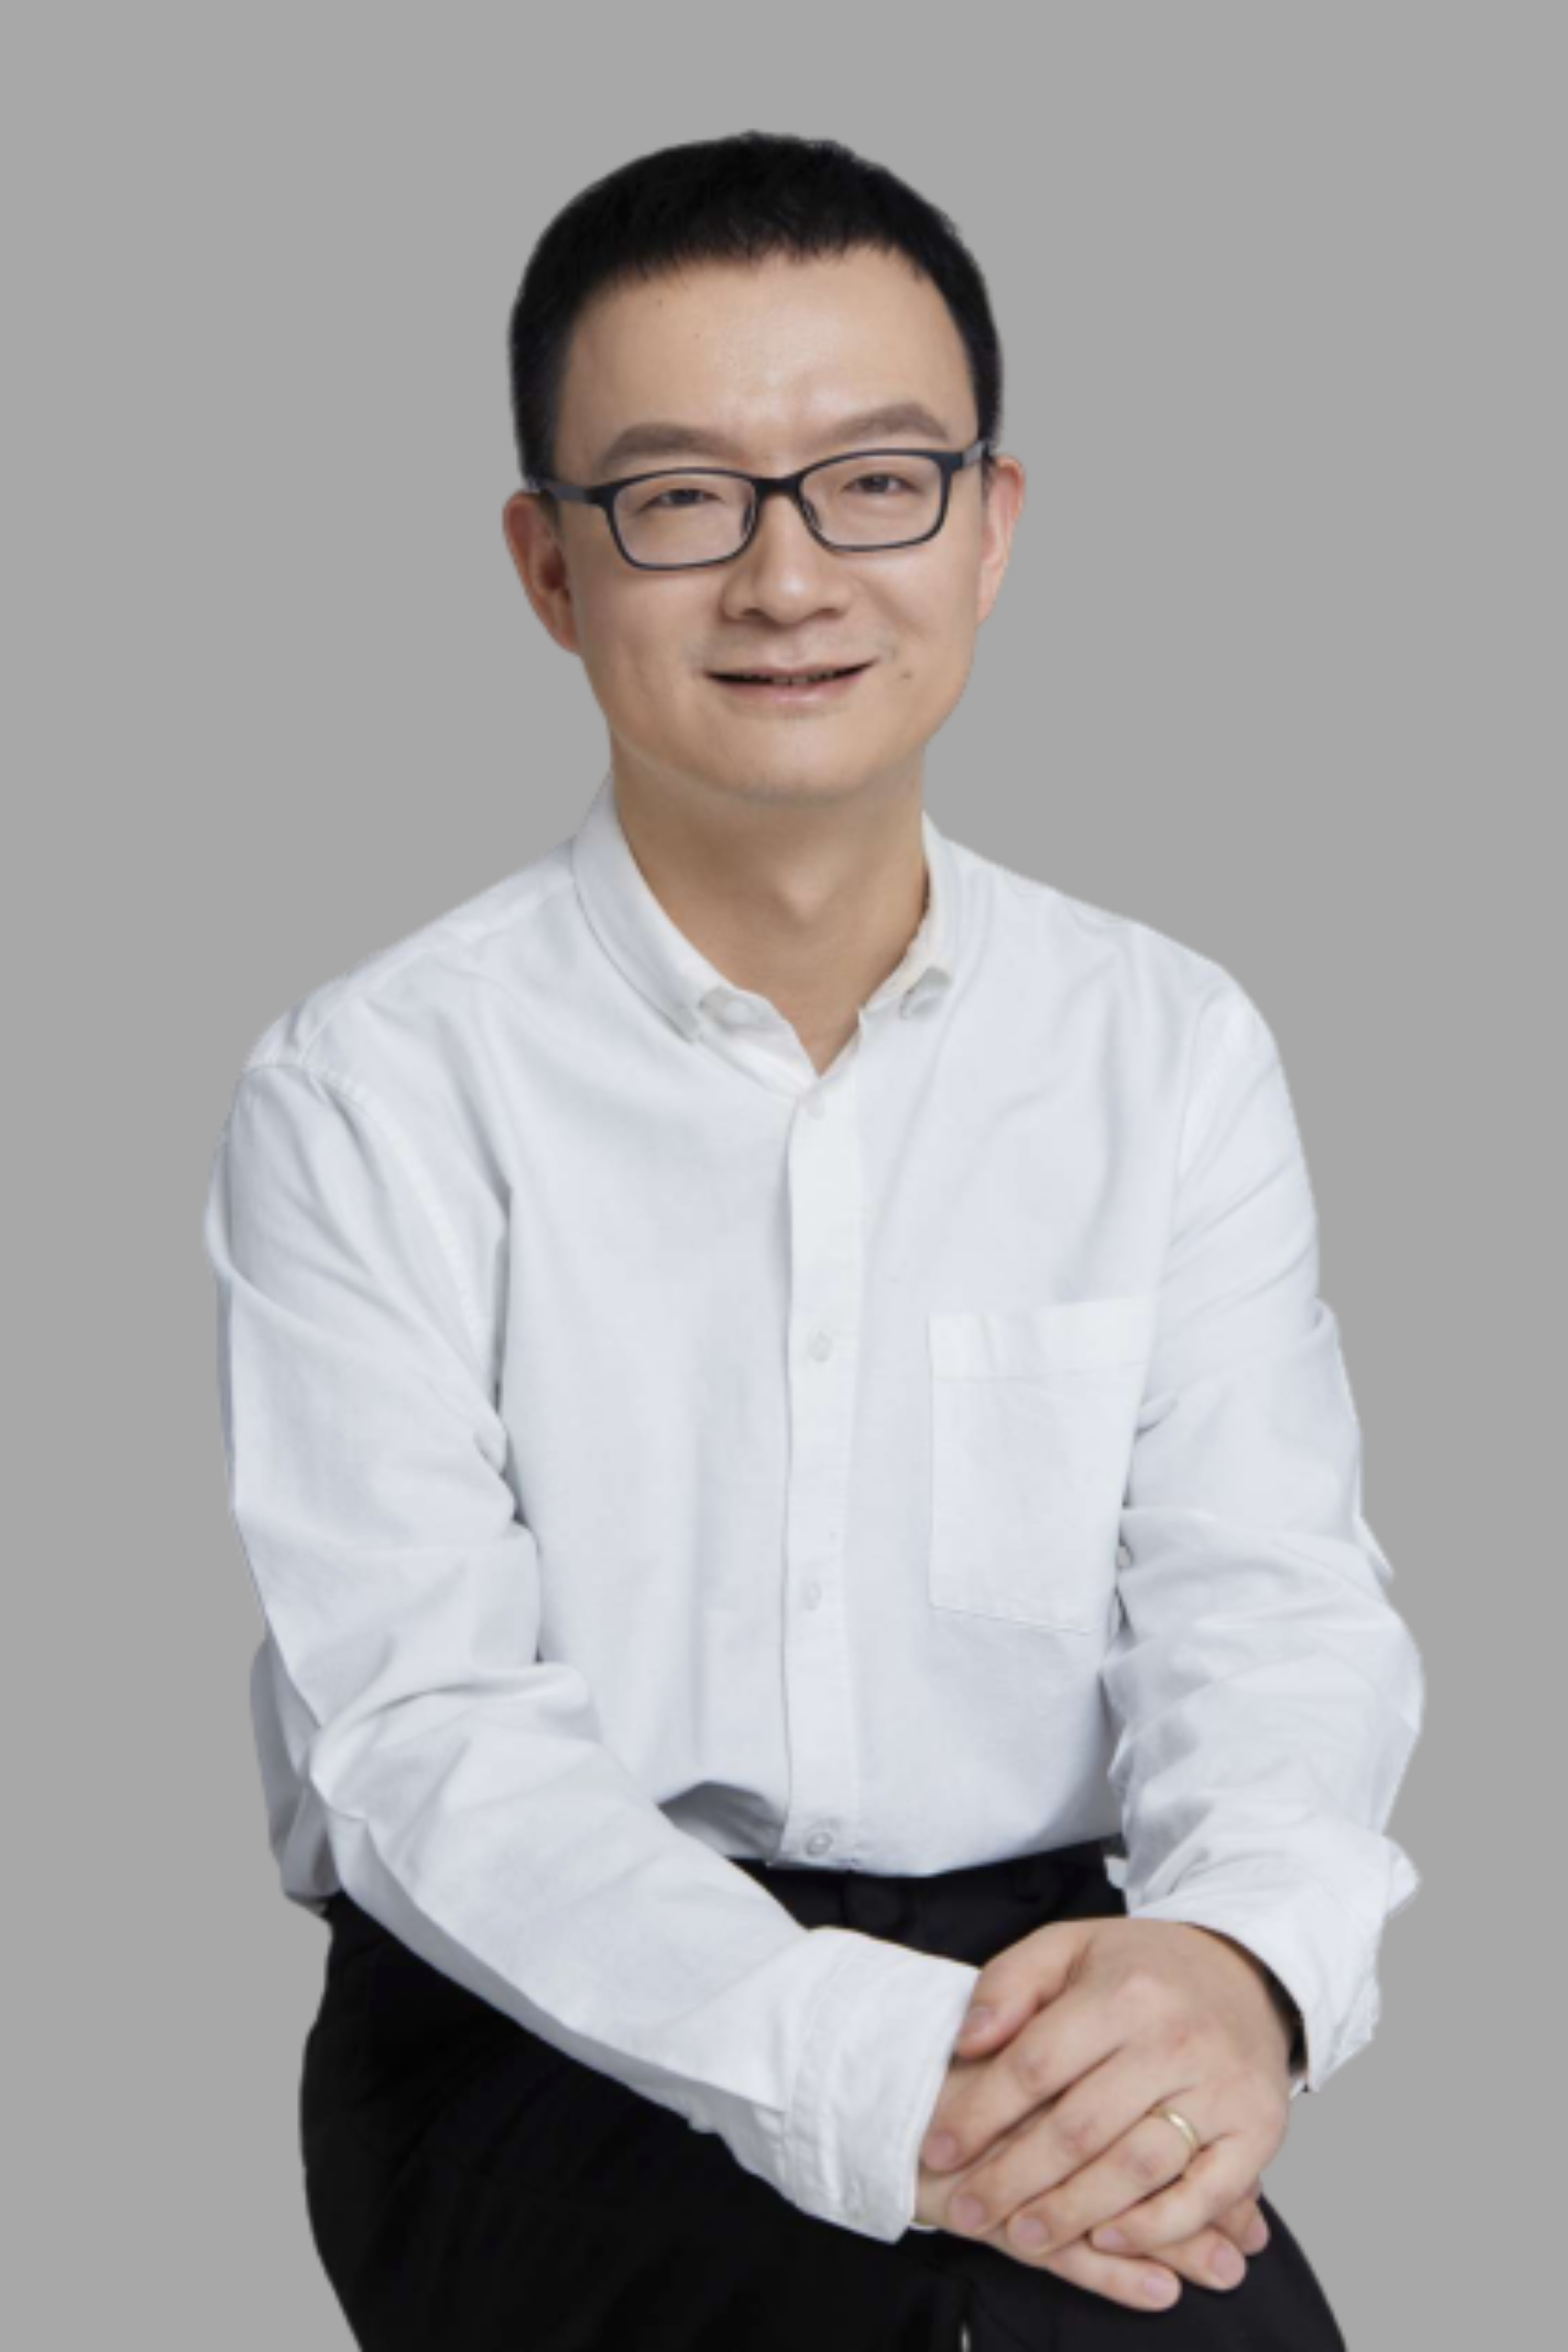 王立銘 清華大學天體物理碩士、經濟學博士 童行學院聯合創始人